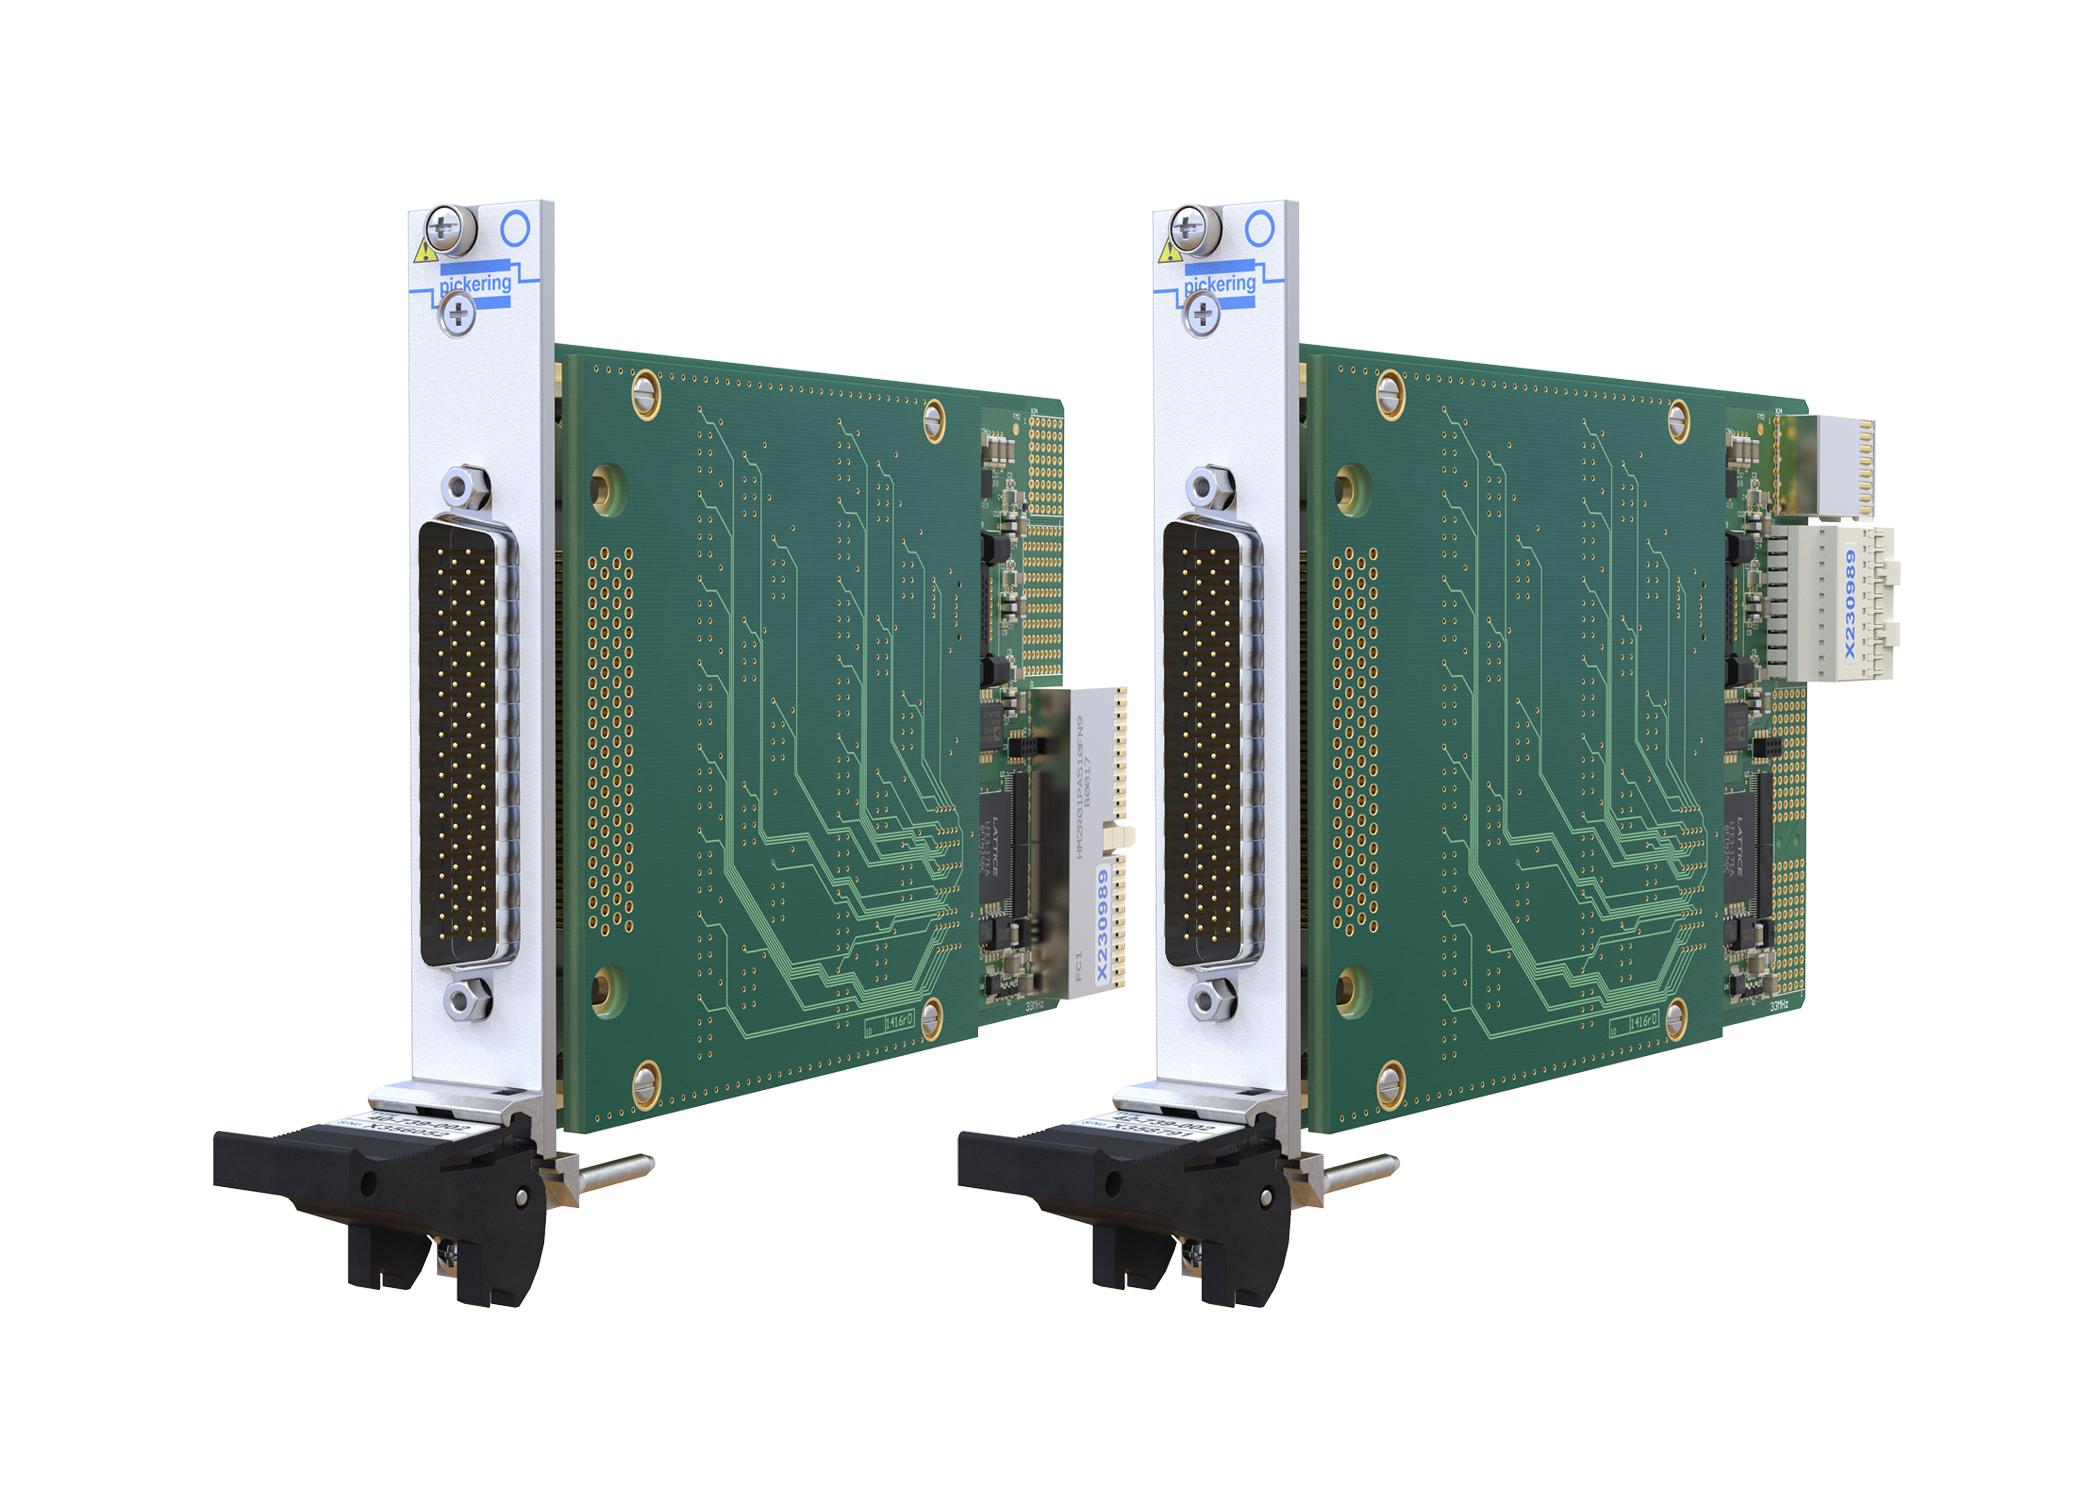 Neues Multiplexer-Modul unterstützt MIL-STD-1553-Tests